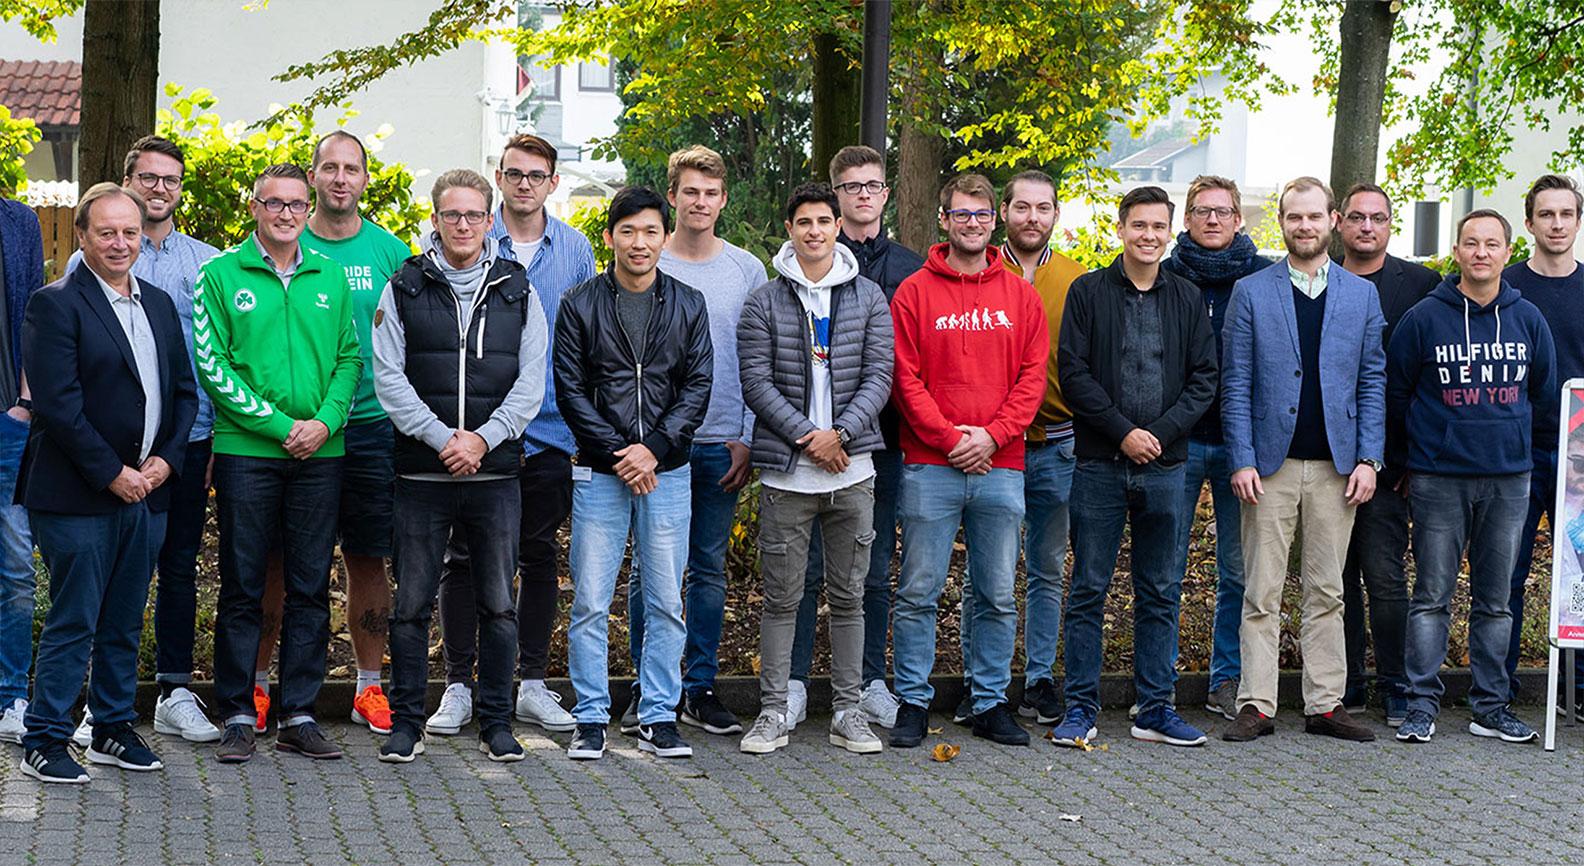 Gruppenbild der Absolventen für Scouting im Fussballsport